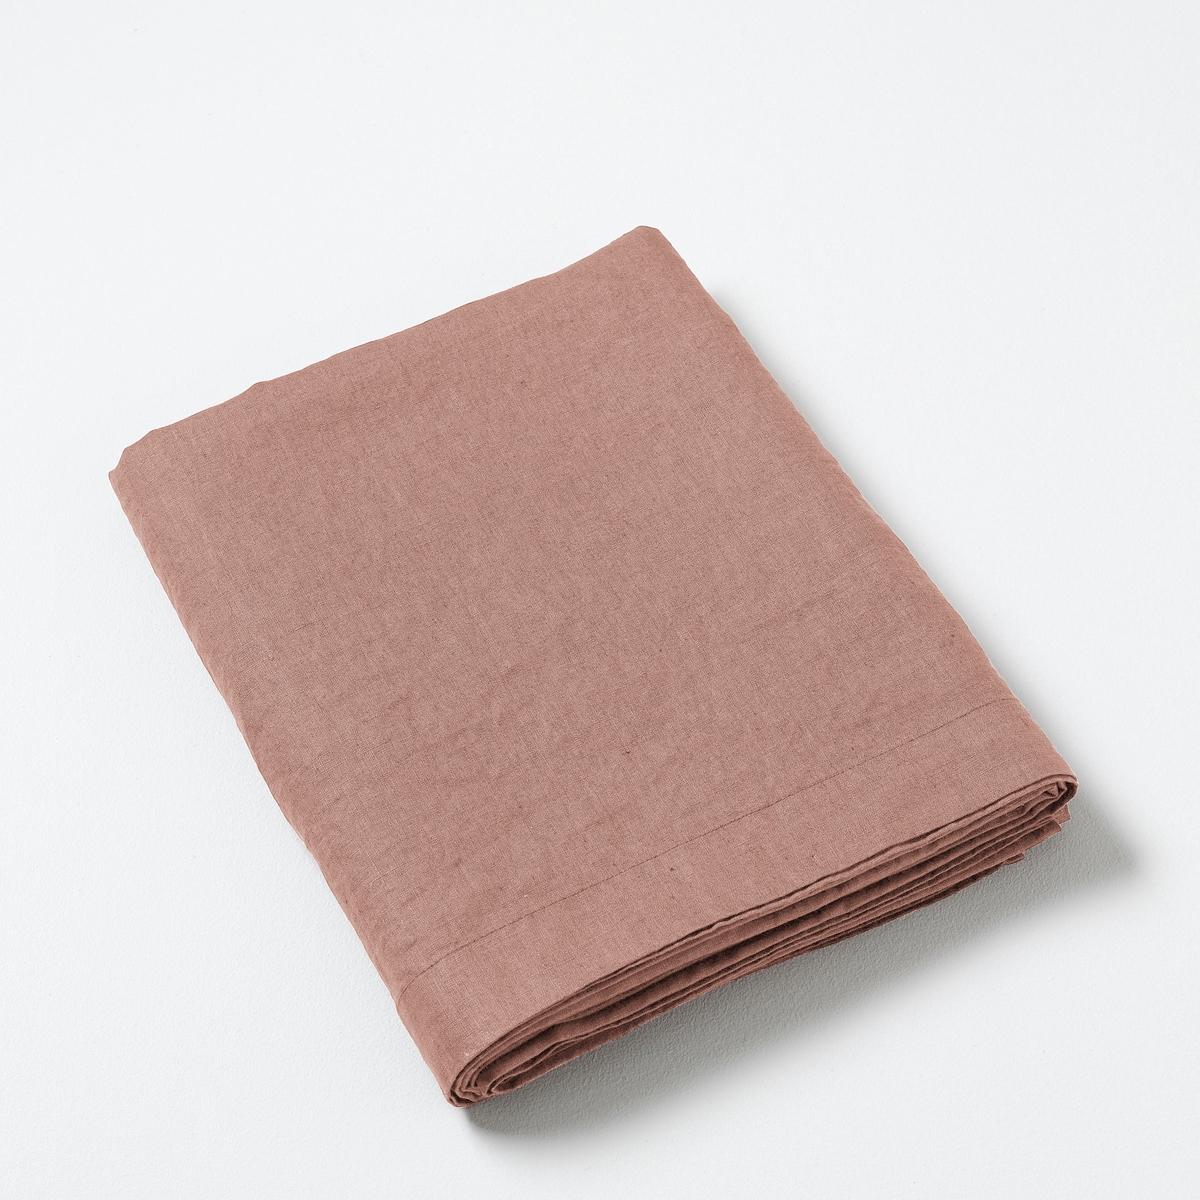 Фото - Простыня LaRedoute Из стираного льна Elina 270 x 310 см розовый простыня laredoute натяжная из стираного льна elina для толстых матрасов 160 x 200 см синий